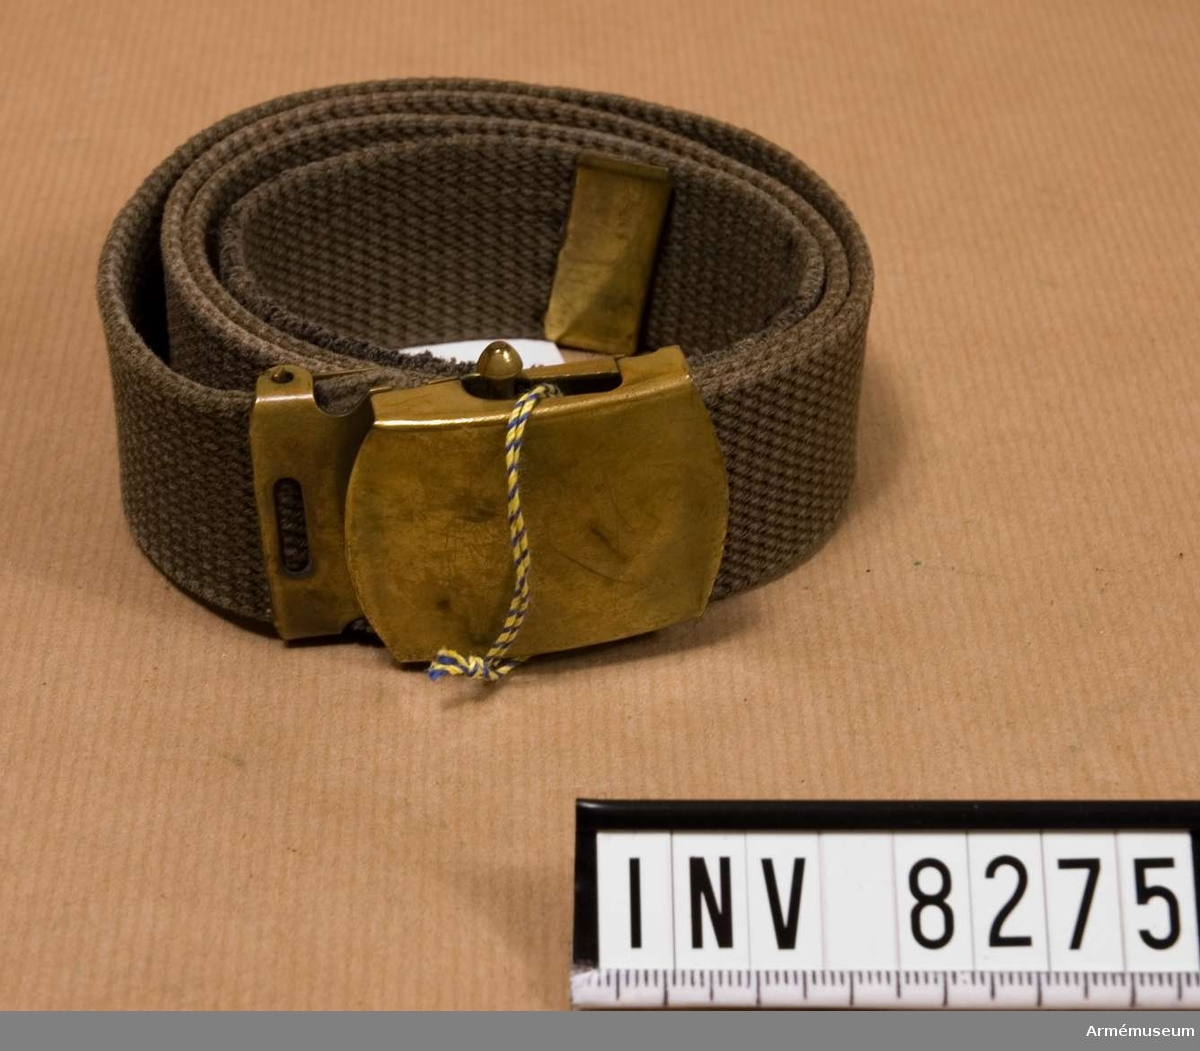 Samhörande gåva 8263-8280. Livrem, textil med spänne m/1952. Längd 960 mm. Bredd 35 mm. Vikt 84.1 gr. Färg gröngrå. Gott skick 211. Med gult metallspänne märkt SOLID BRASE.